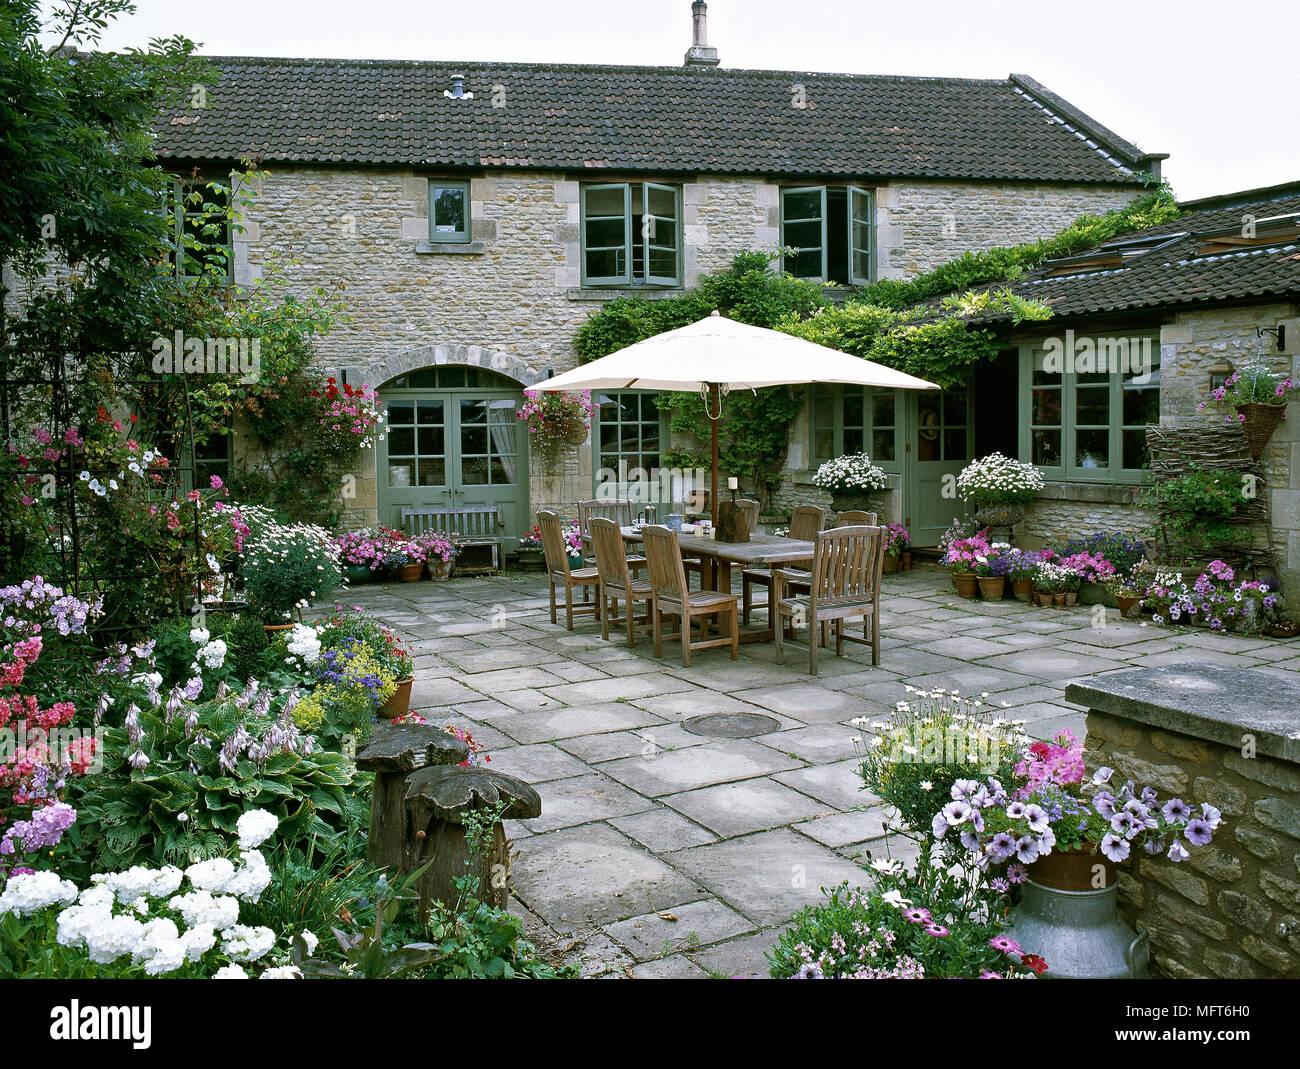 Tavolo Esterno Con Piastrelle : Esterno del retro terrazza di un casale in pietra con pavimento in